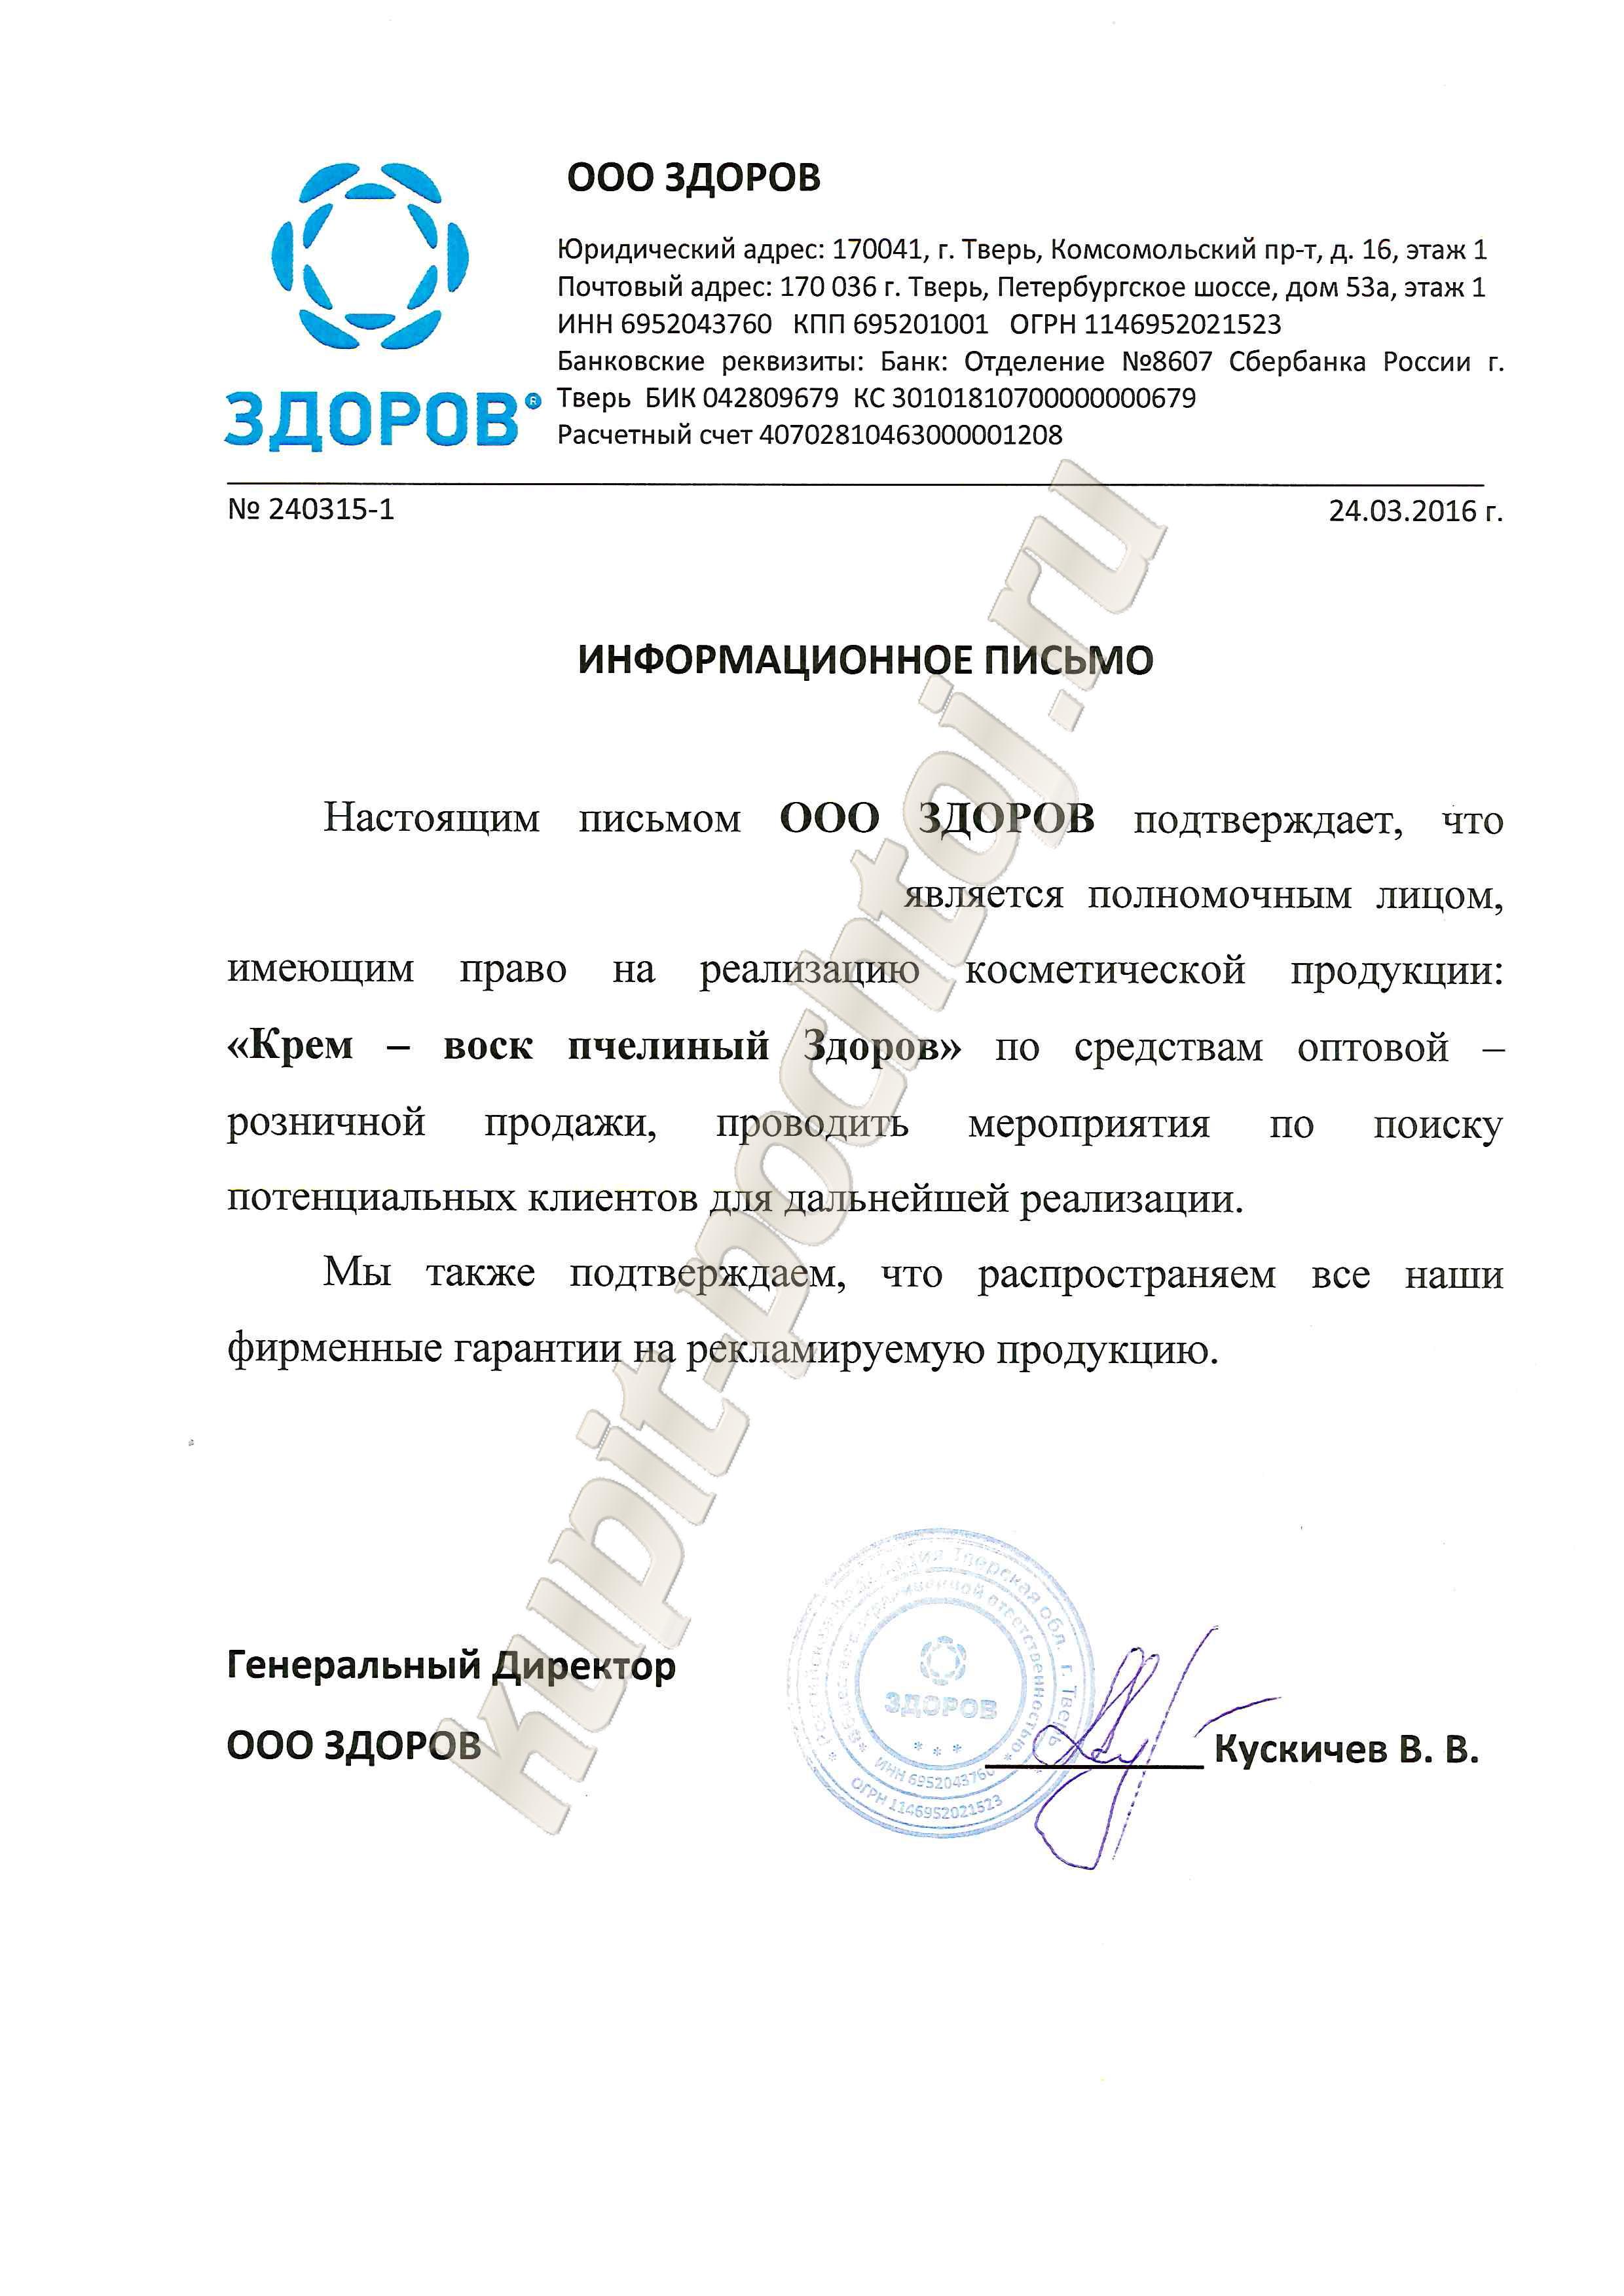 крем-воск «Здоров» от псориаза купить в Спб, в Москве